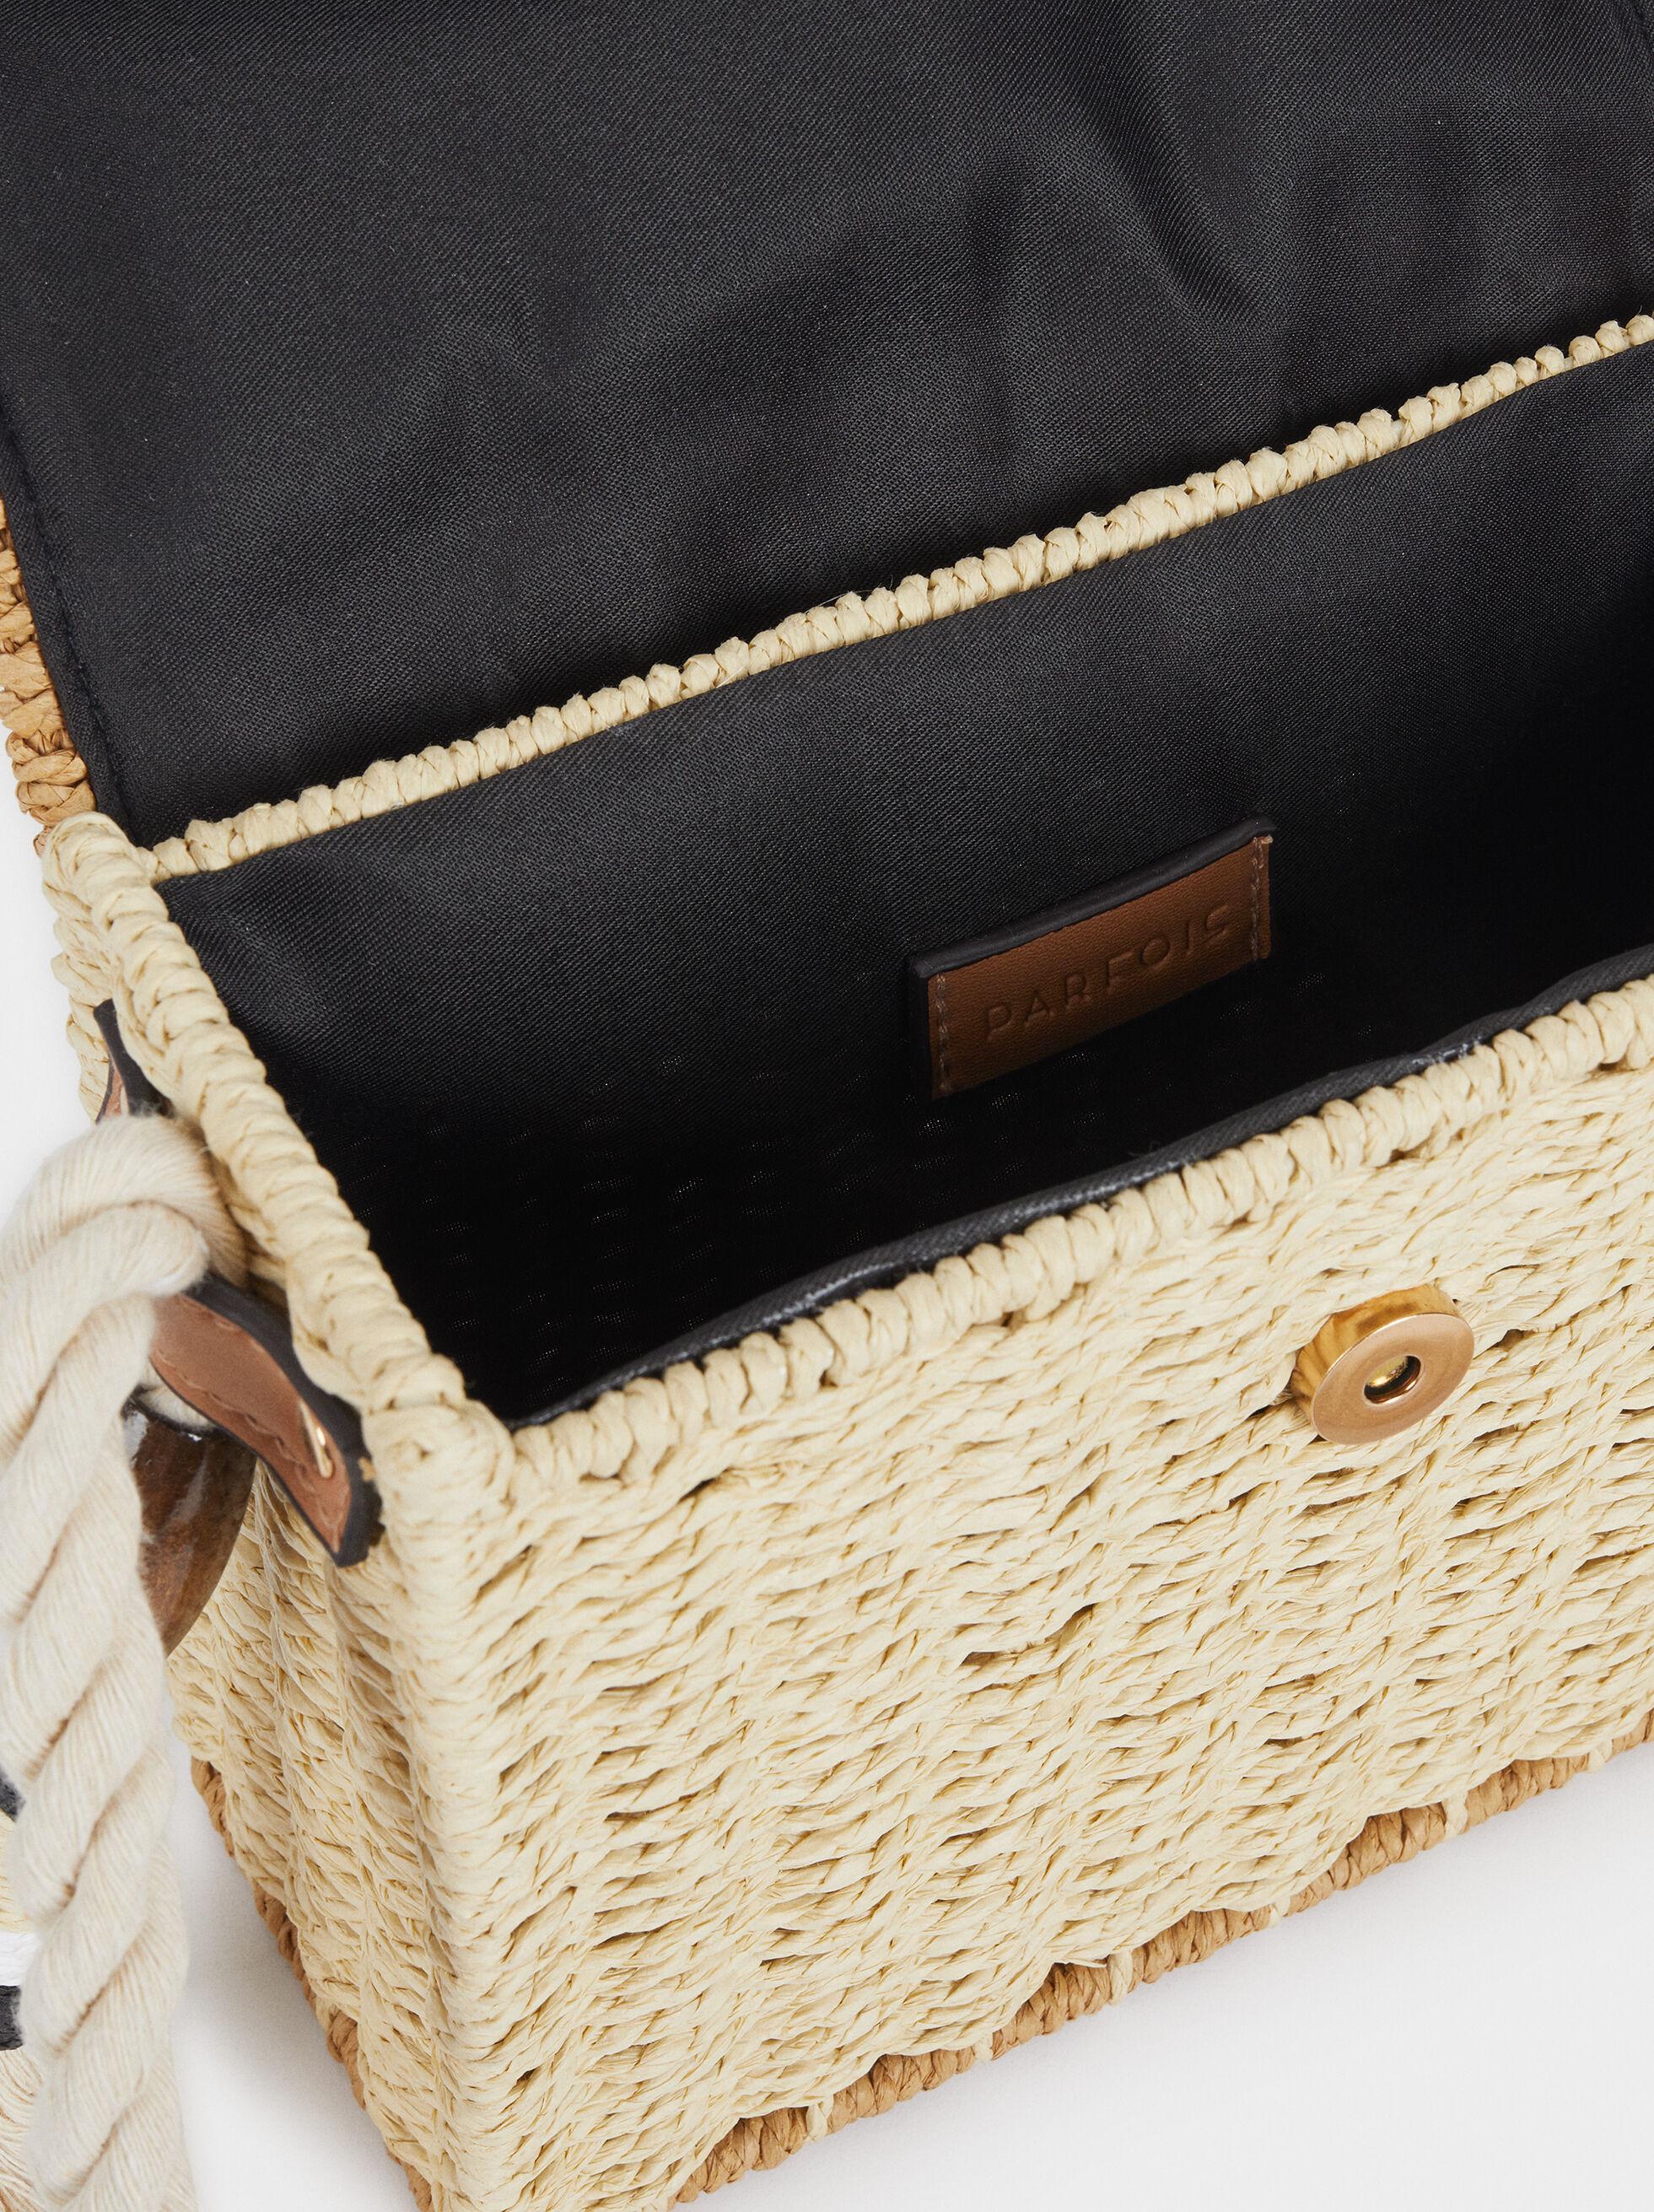 Crossbody Raffia Bag With Flap, Beige, hi-res